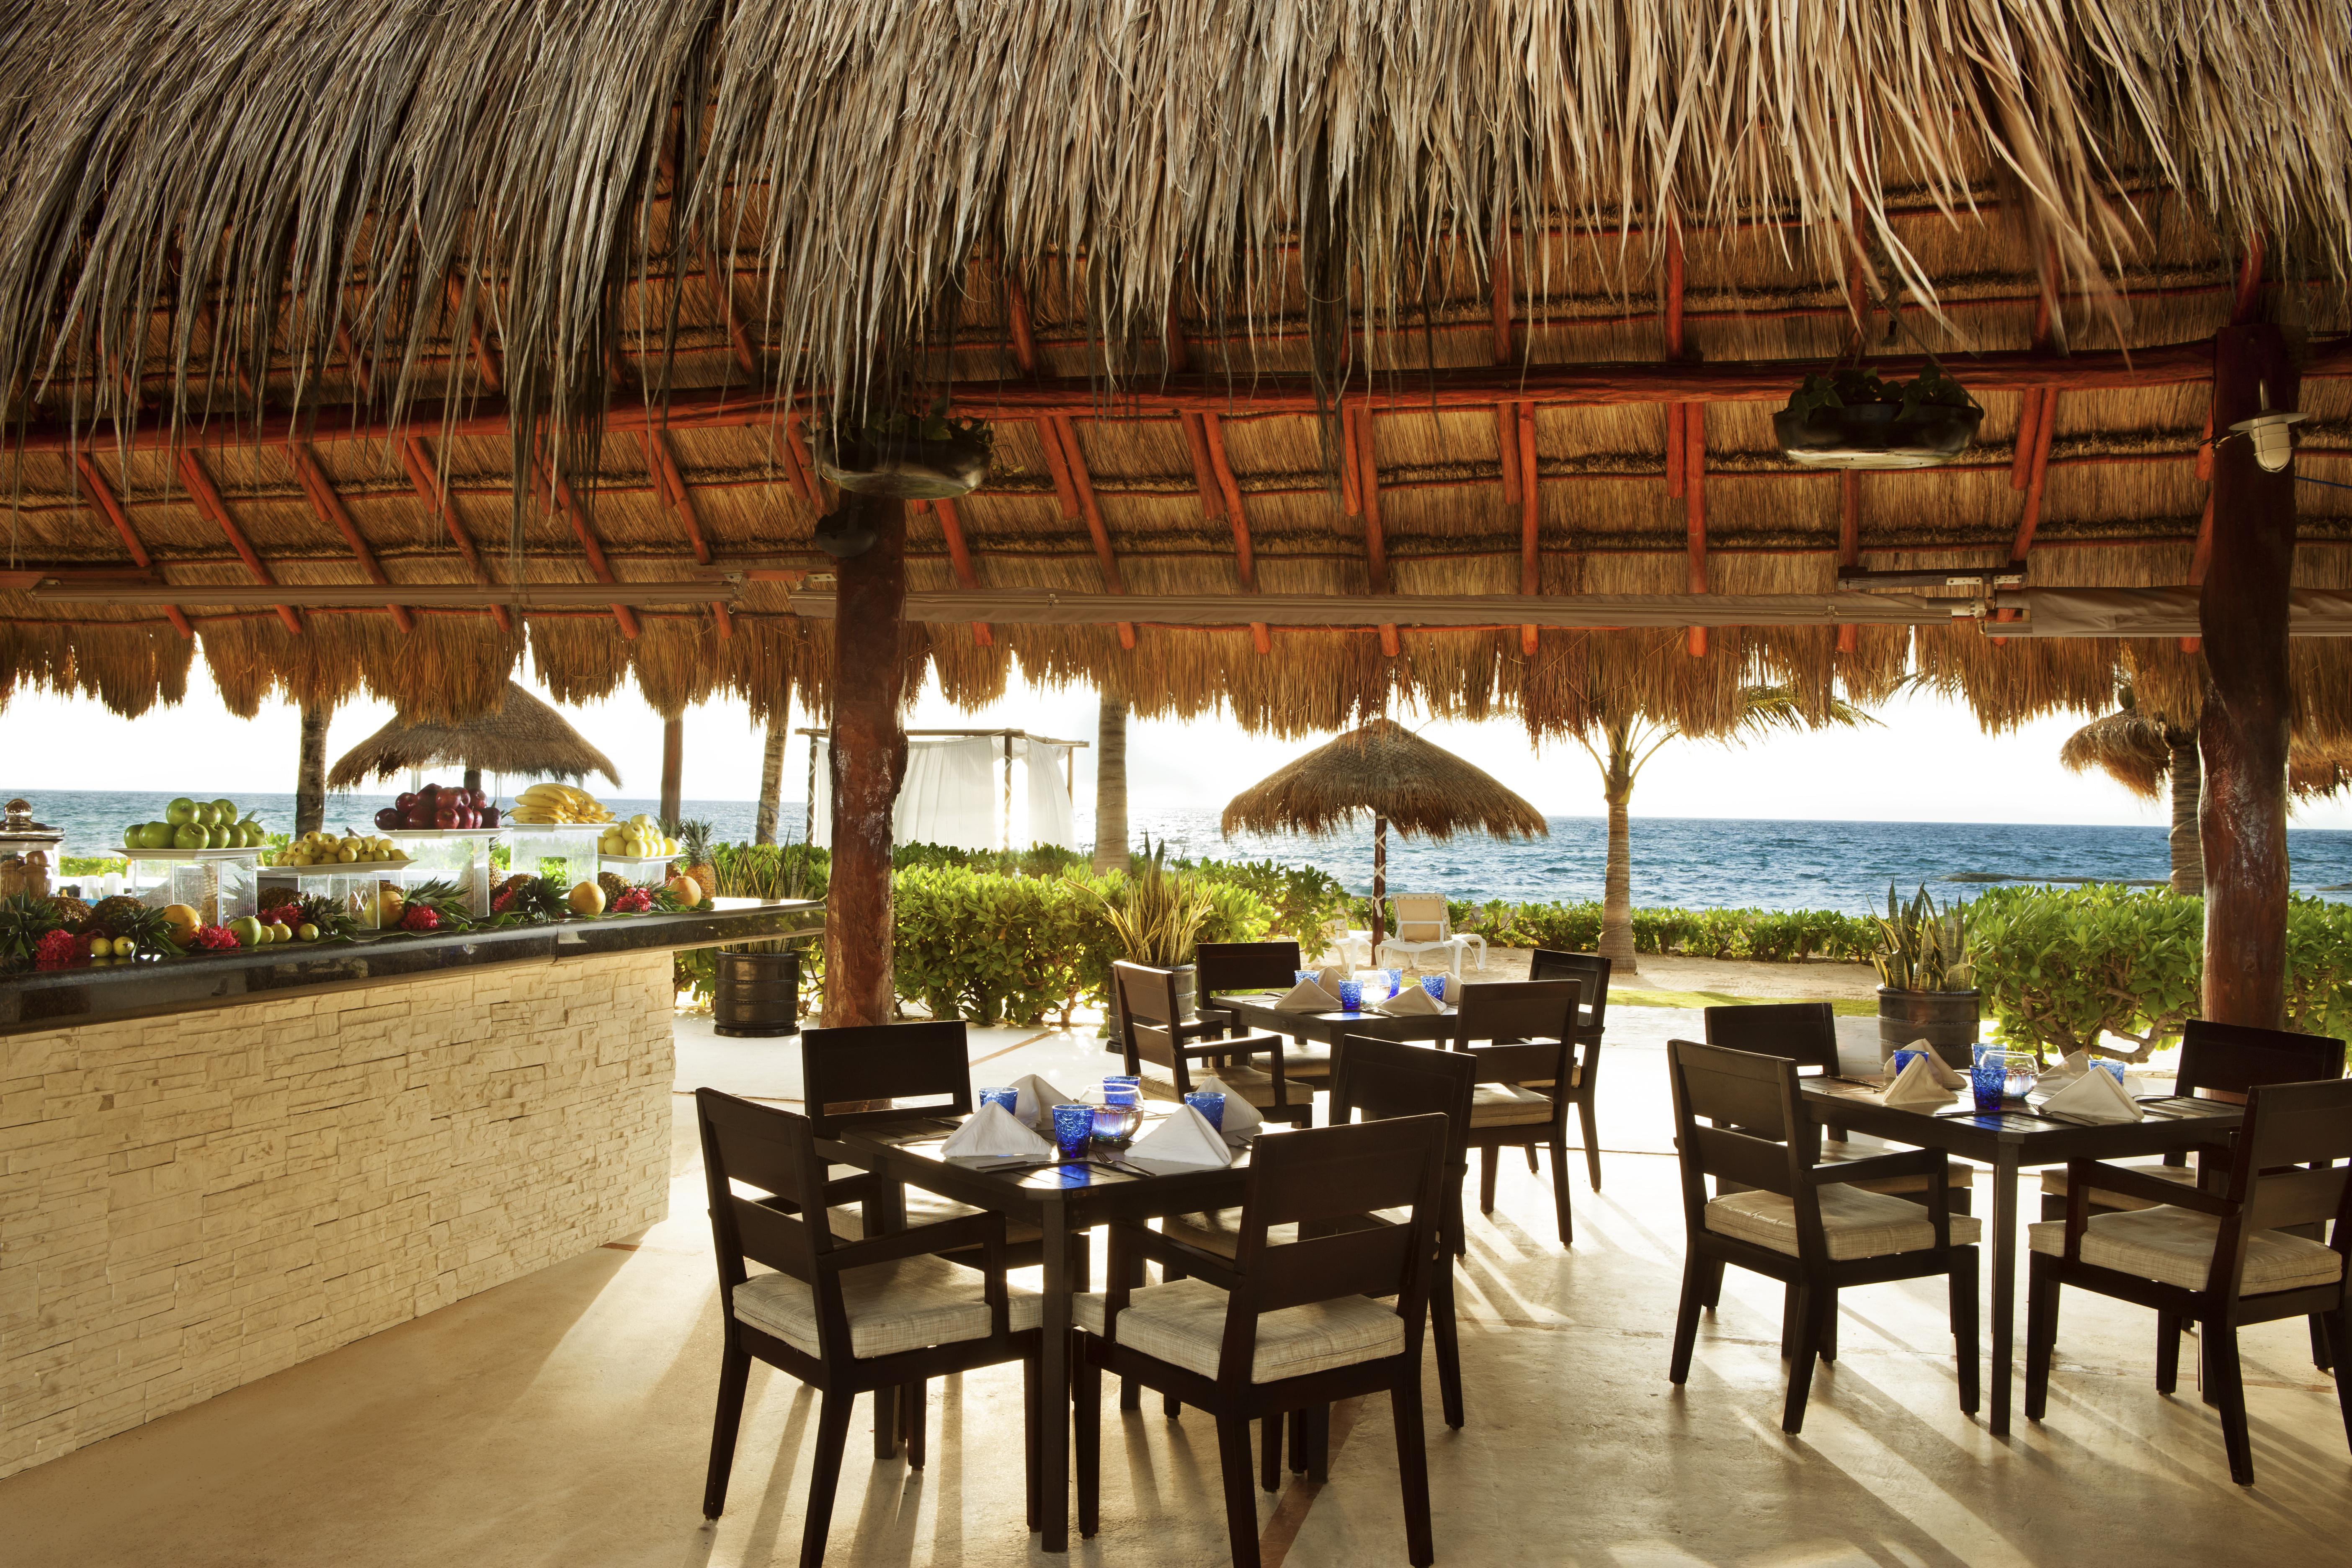 Travel Agency All-Inclusive Resort El Dorado Royale 28